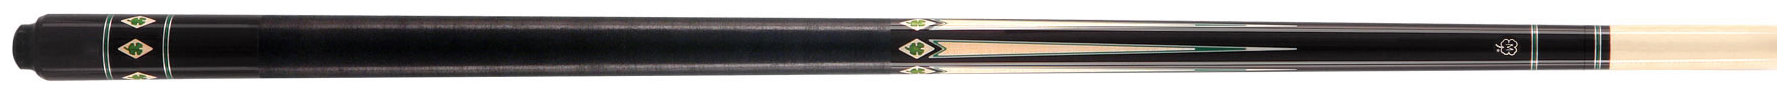 Biljardkö Licensierad Produkt McDermott Junior 132 cm